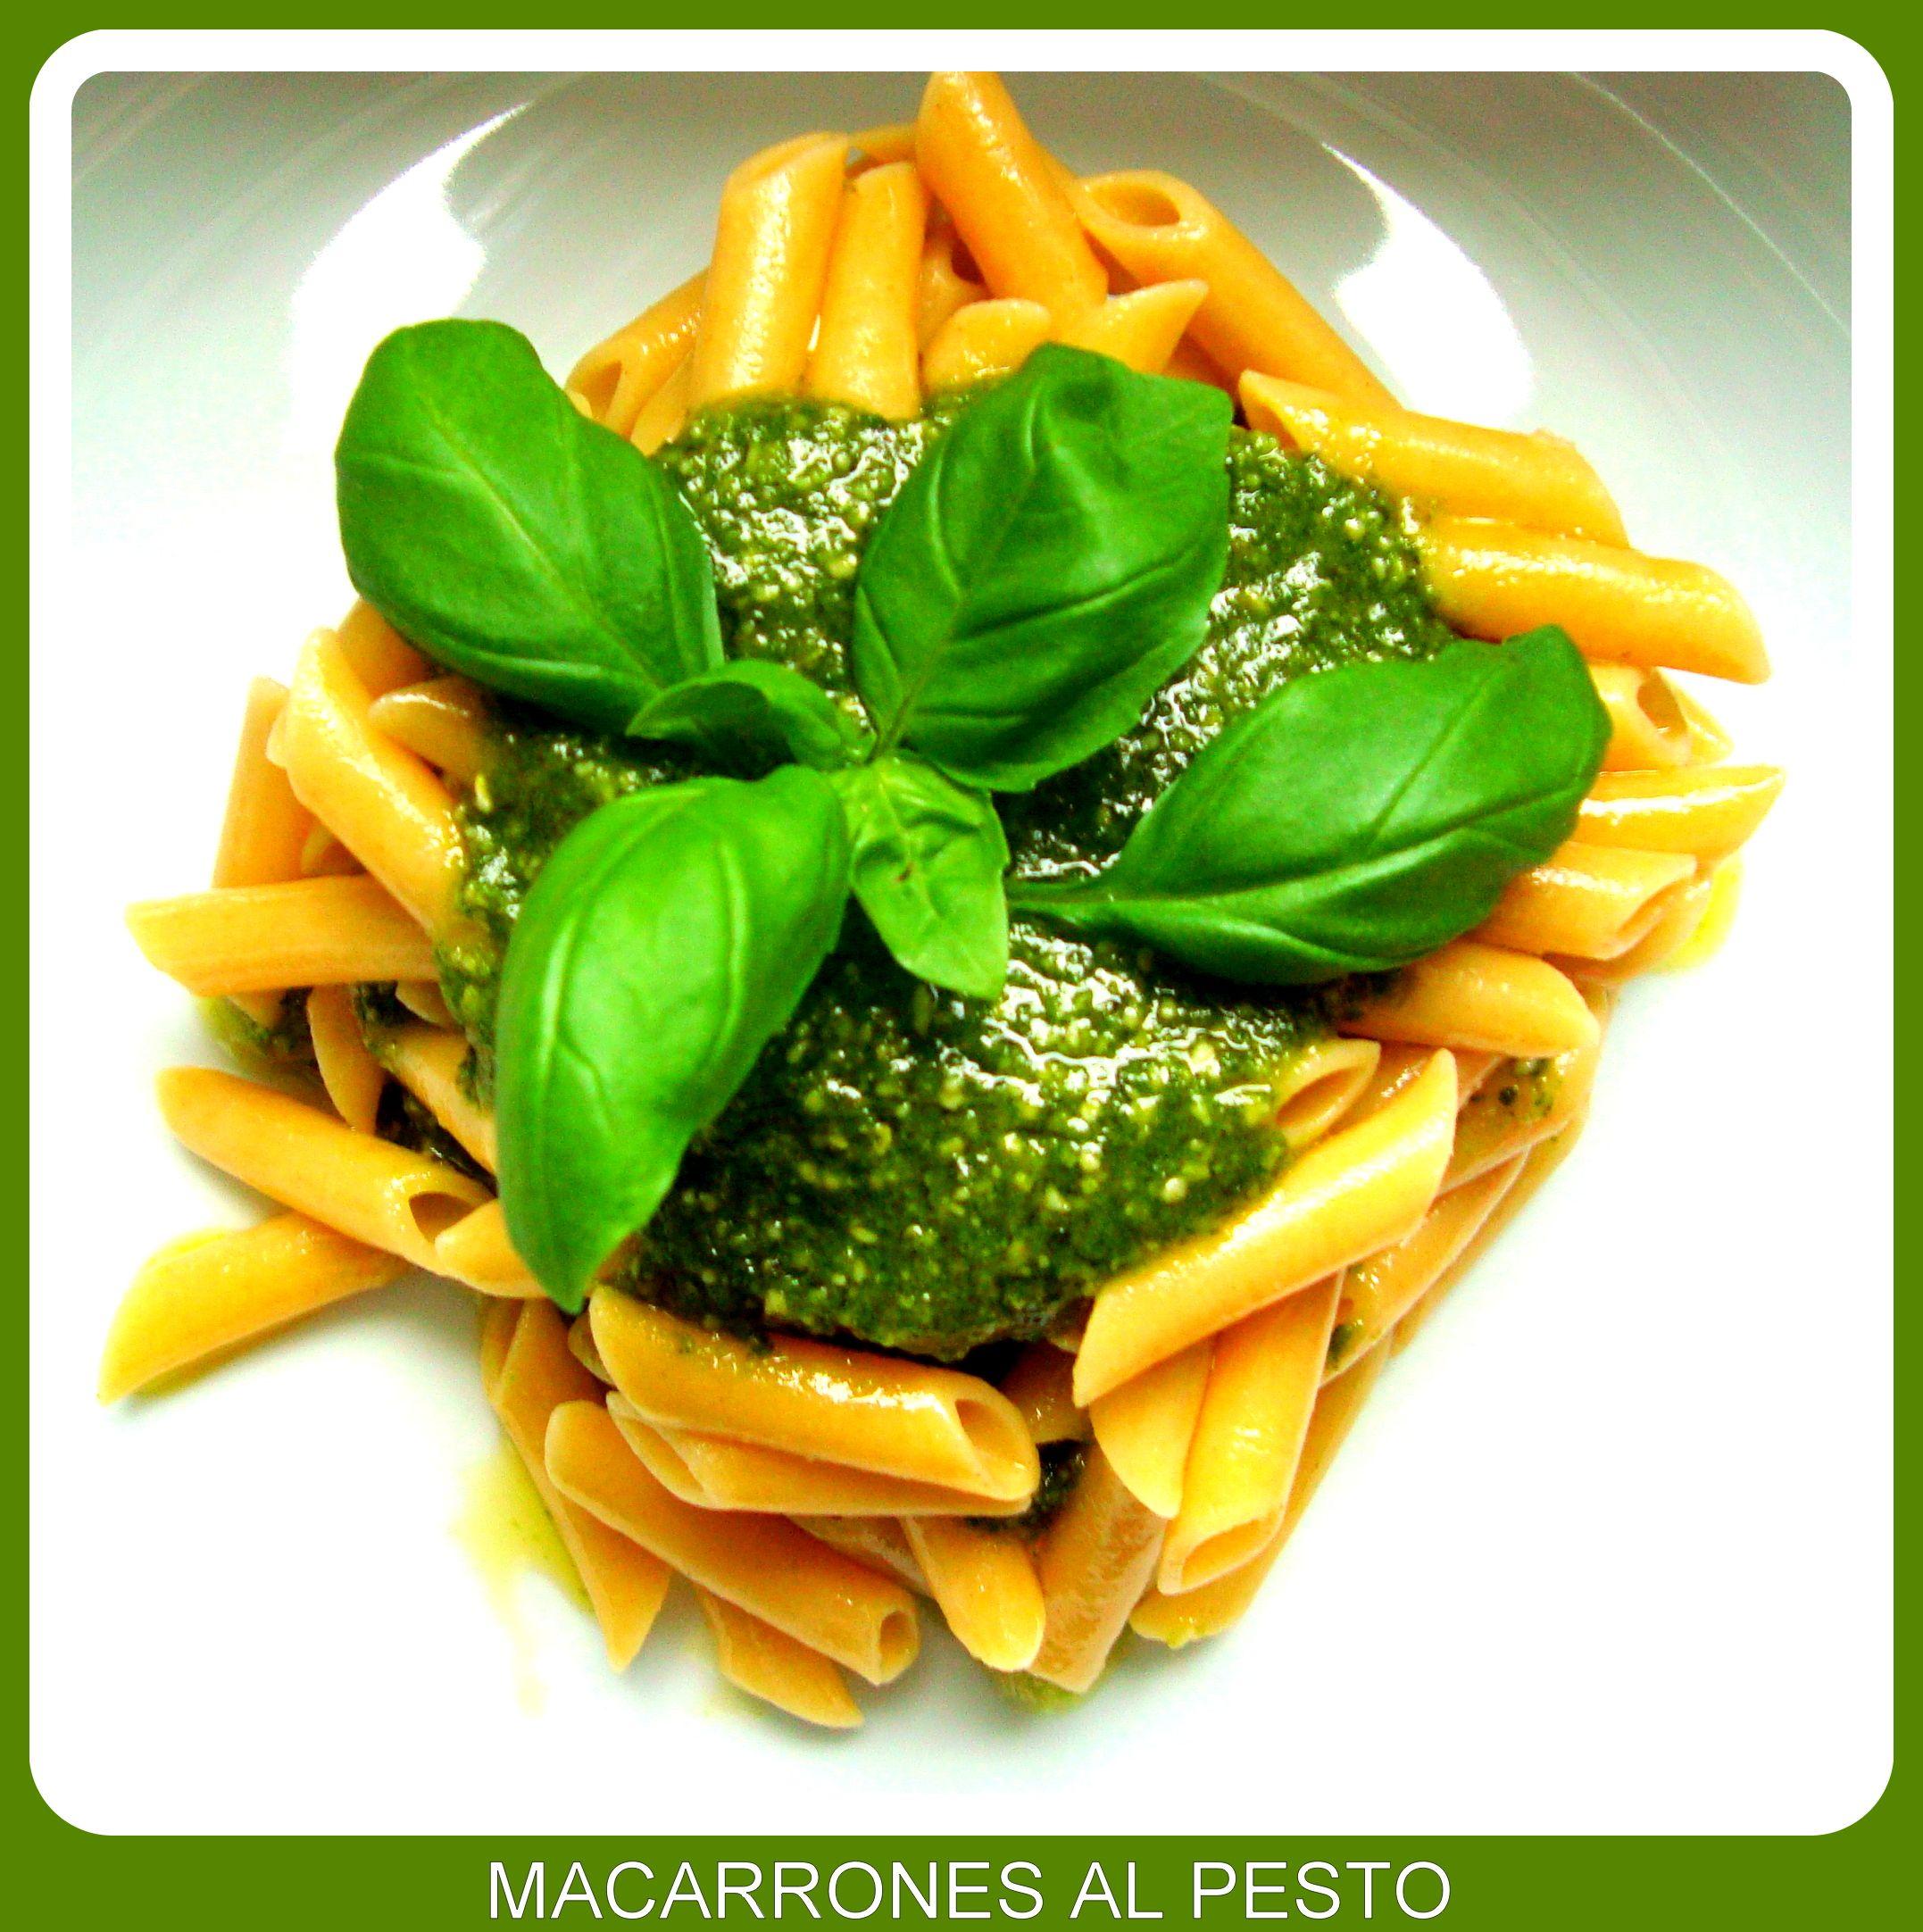 Macarrones Al Pesto La Pasta Mineralizante Macarrones Al Pesto Recetas De Comida Pasta Al Pesto